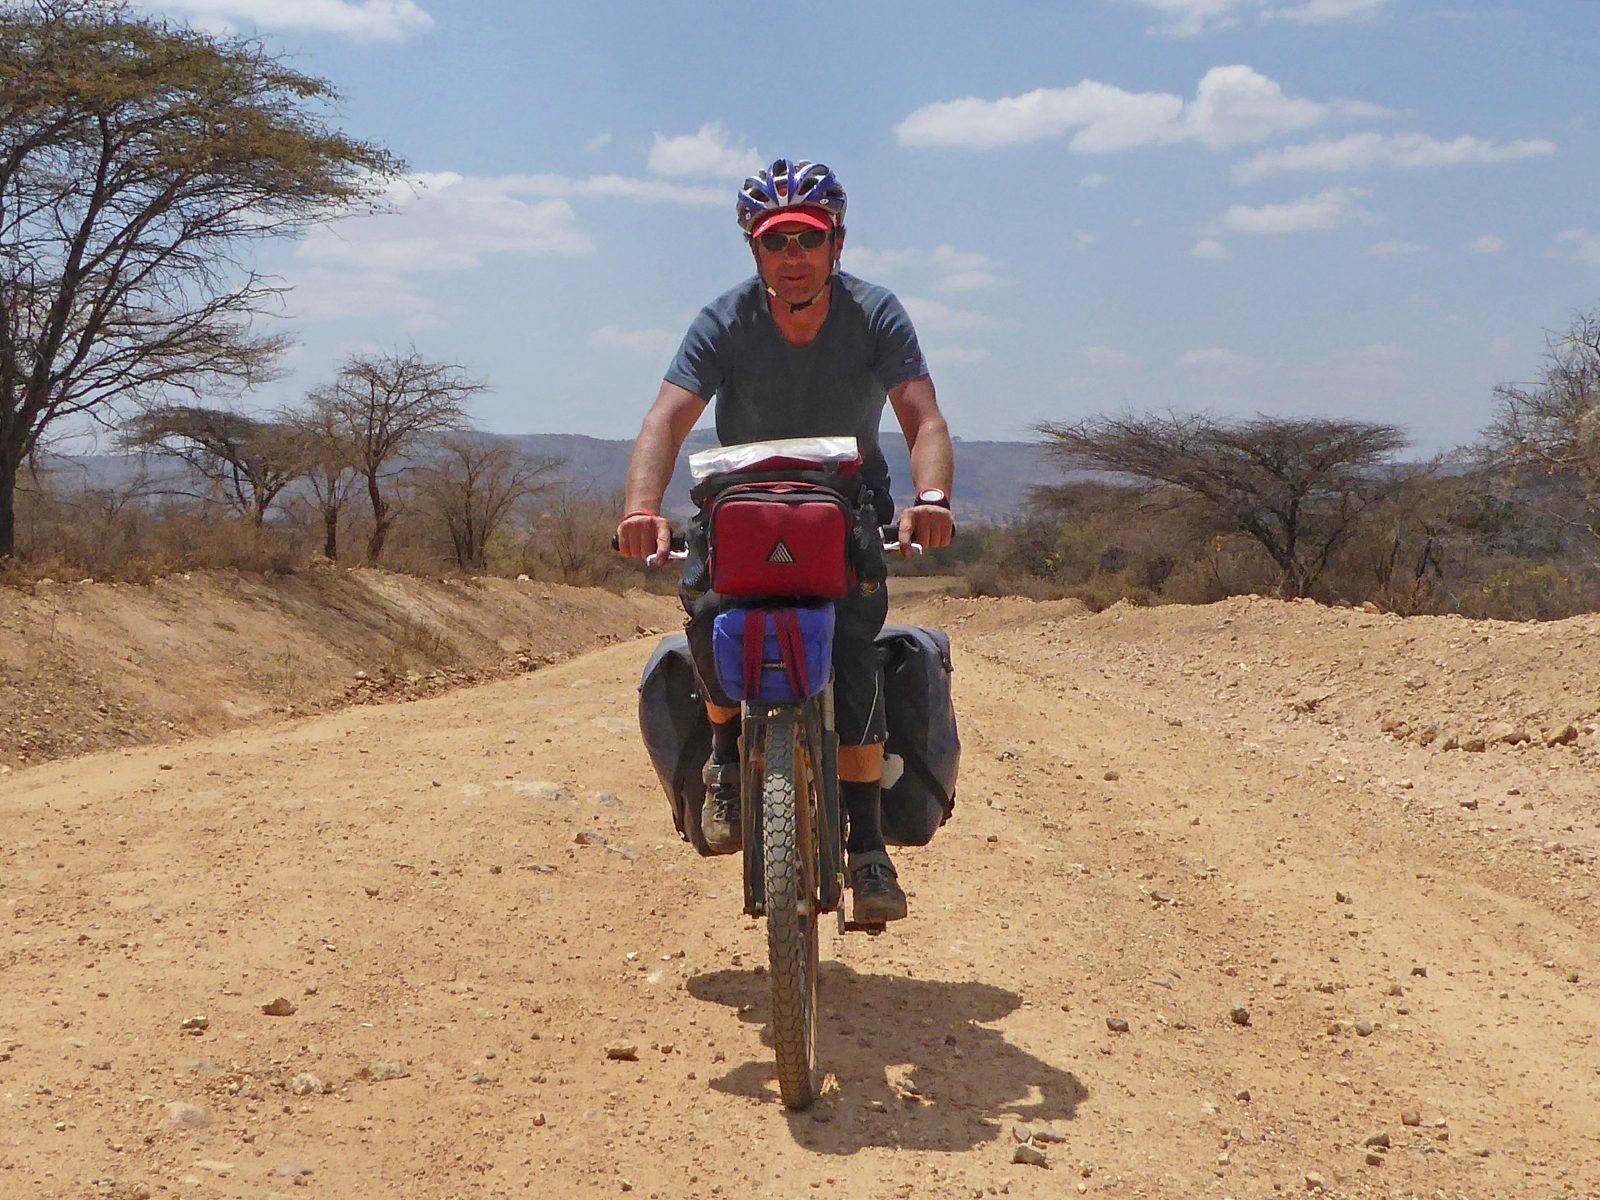 Radreise Afrika 2014 - Unterwegs auf einer Erdpiste